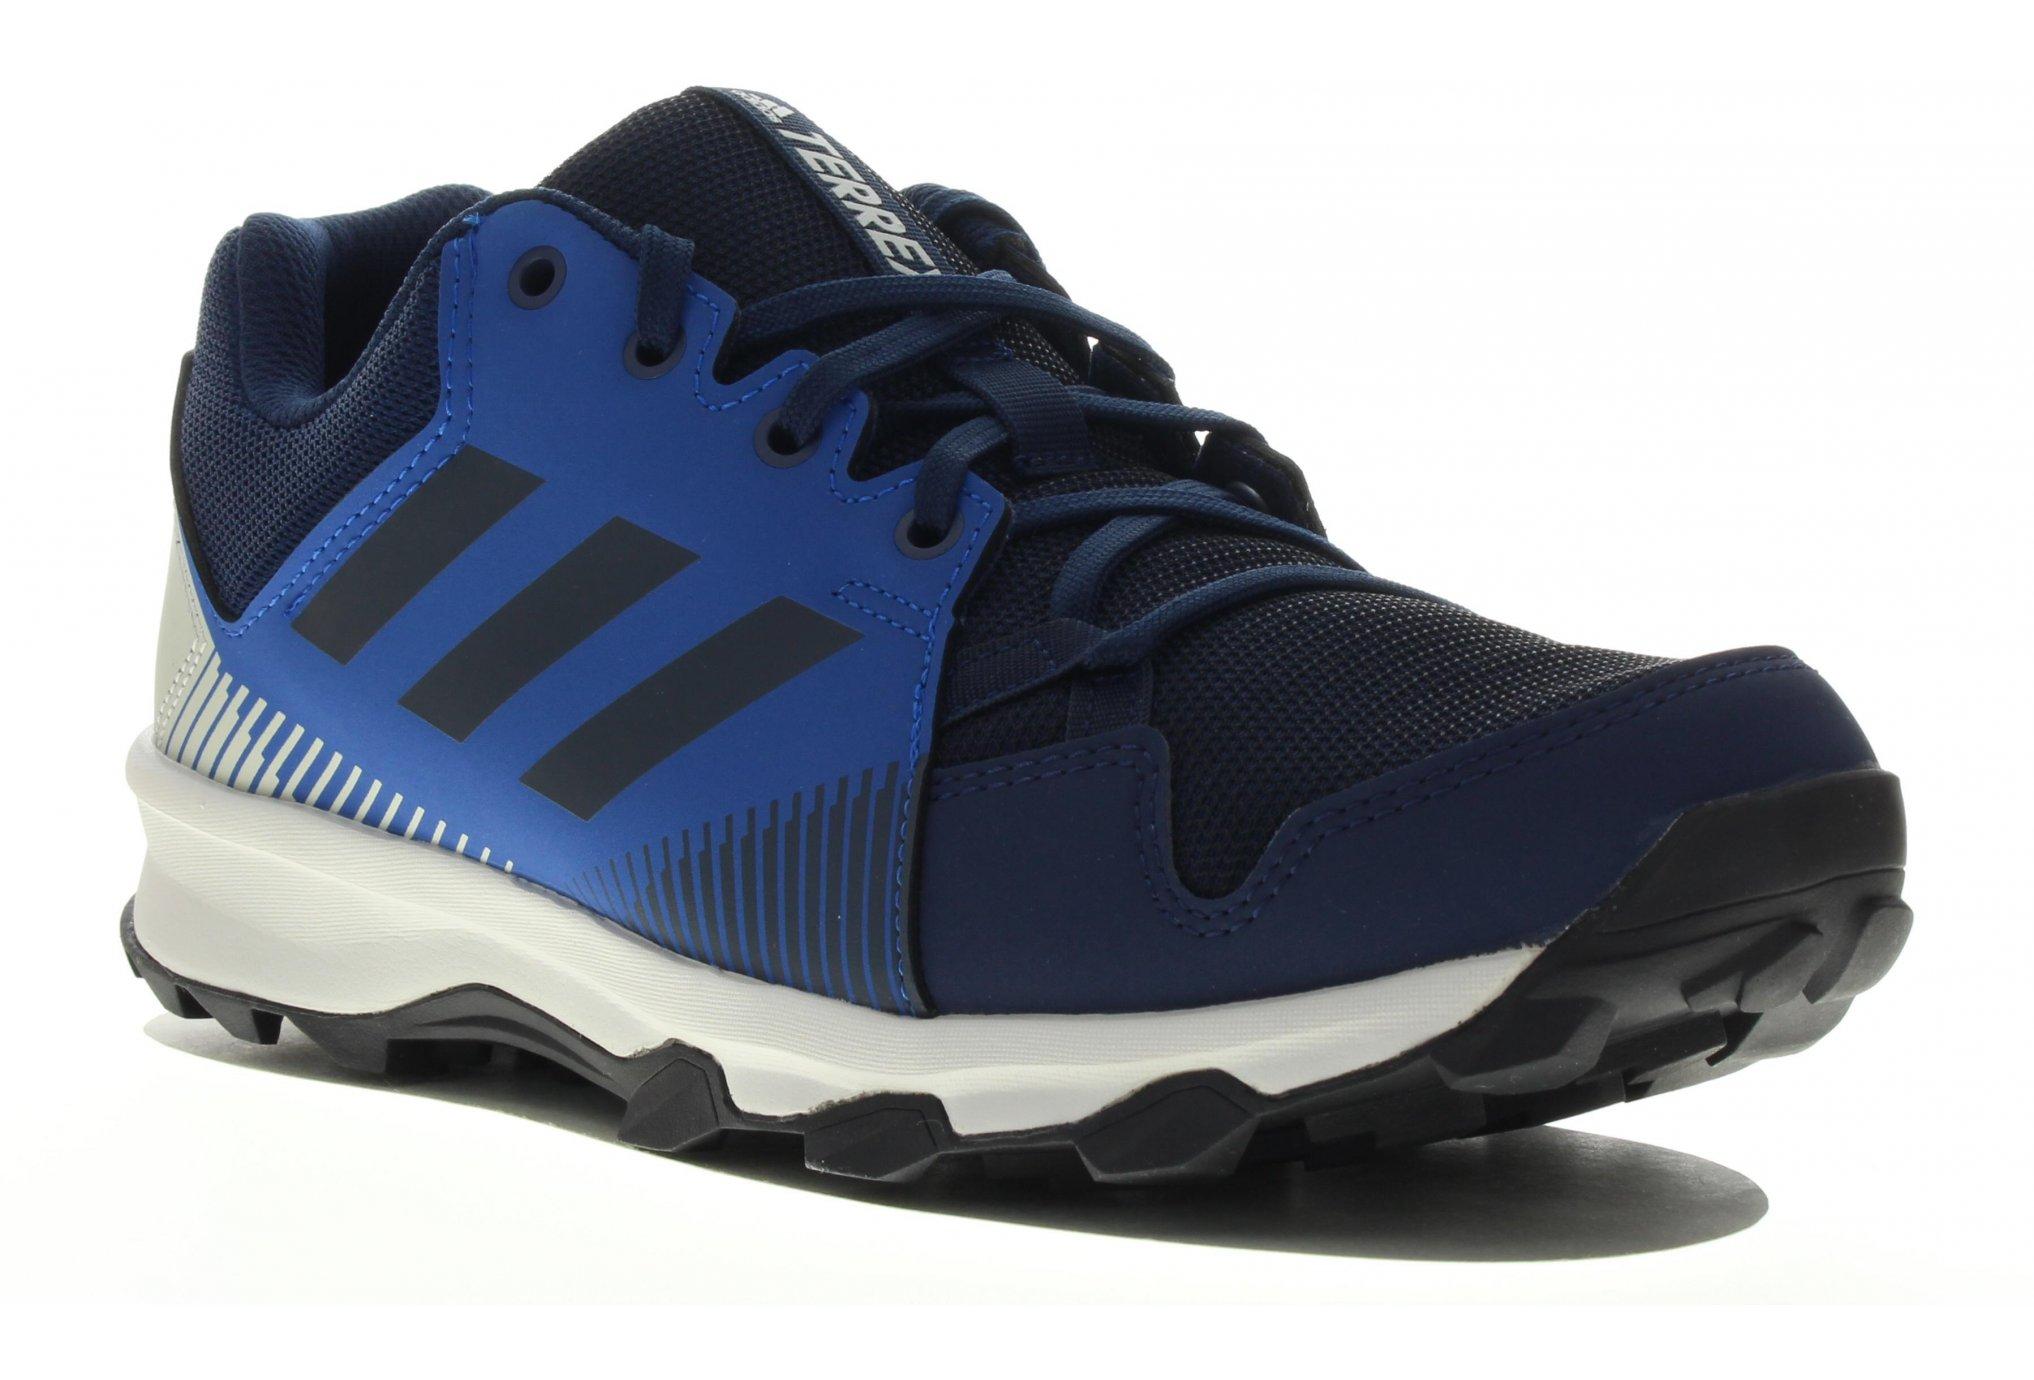 adidas Terrex Tracerocker M Diététique Chaussures homme